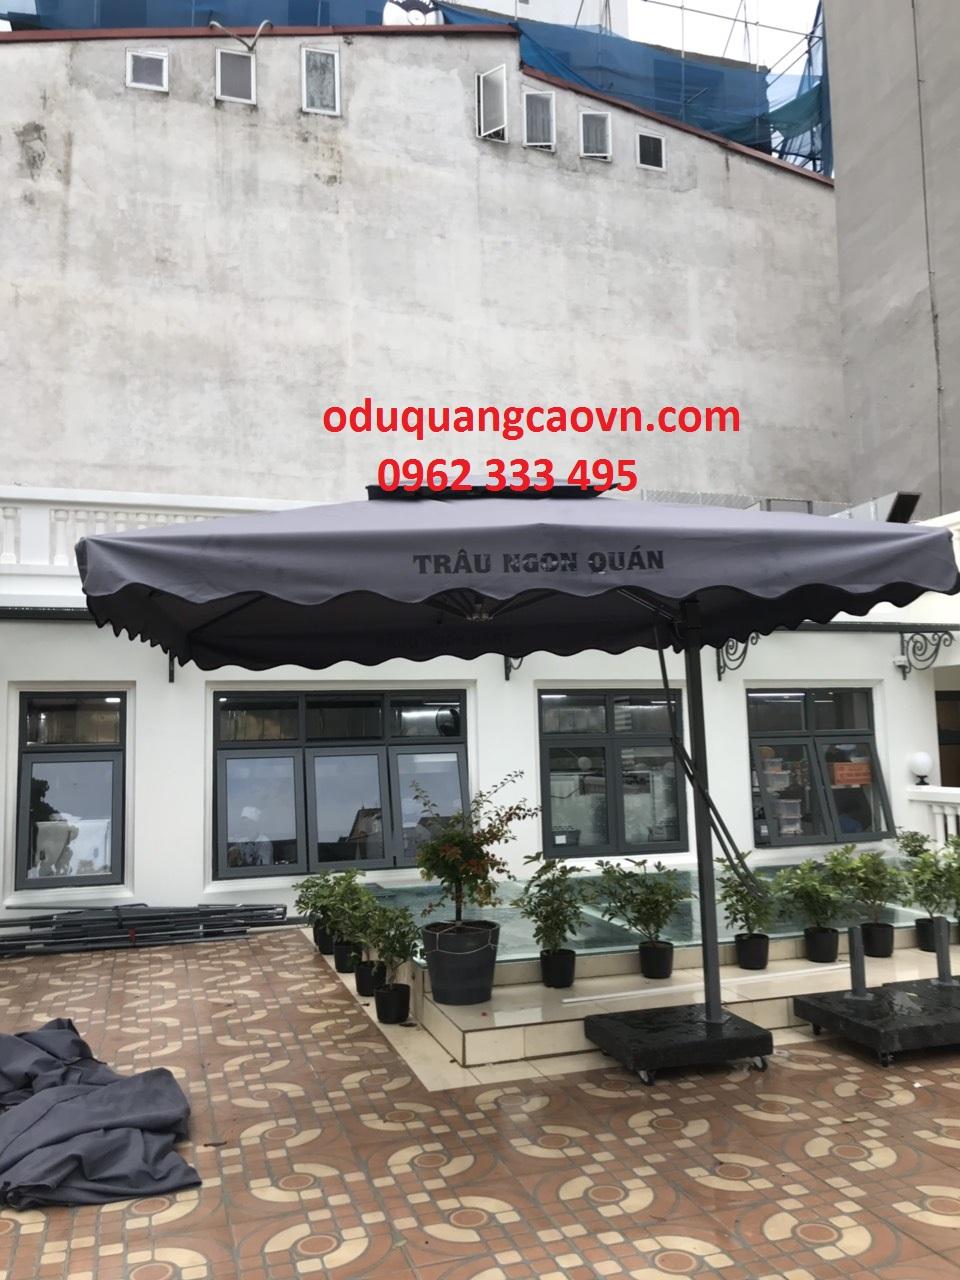 Ô cafe nhà hàng Trâu Ngon Quán